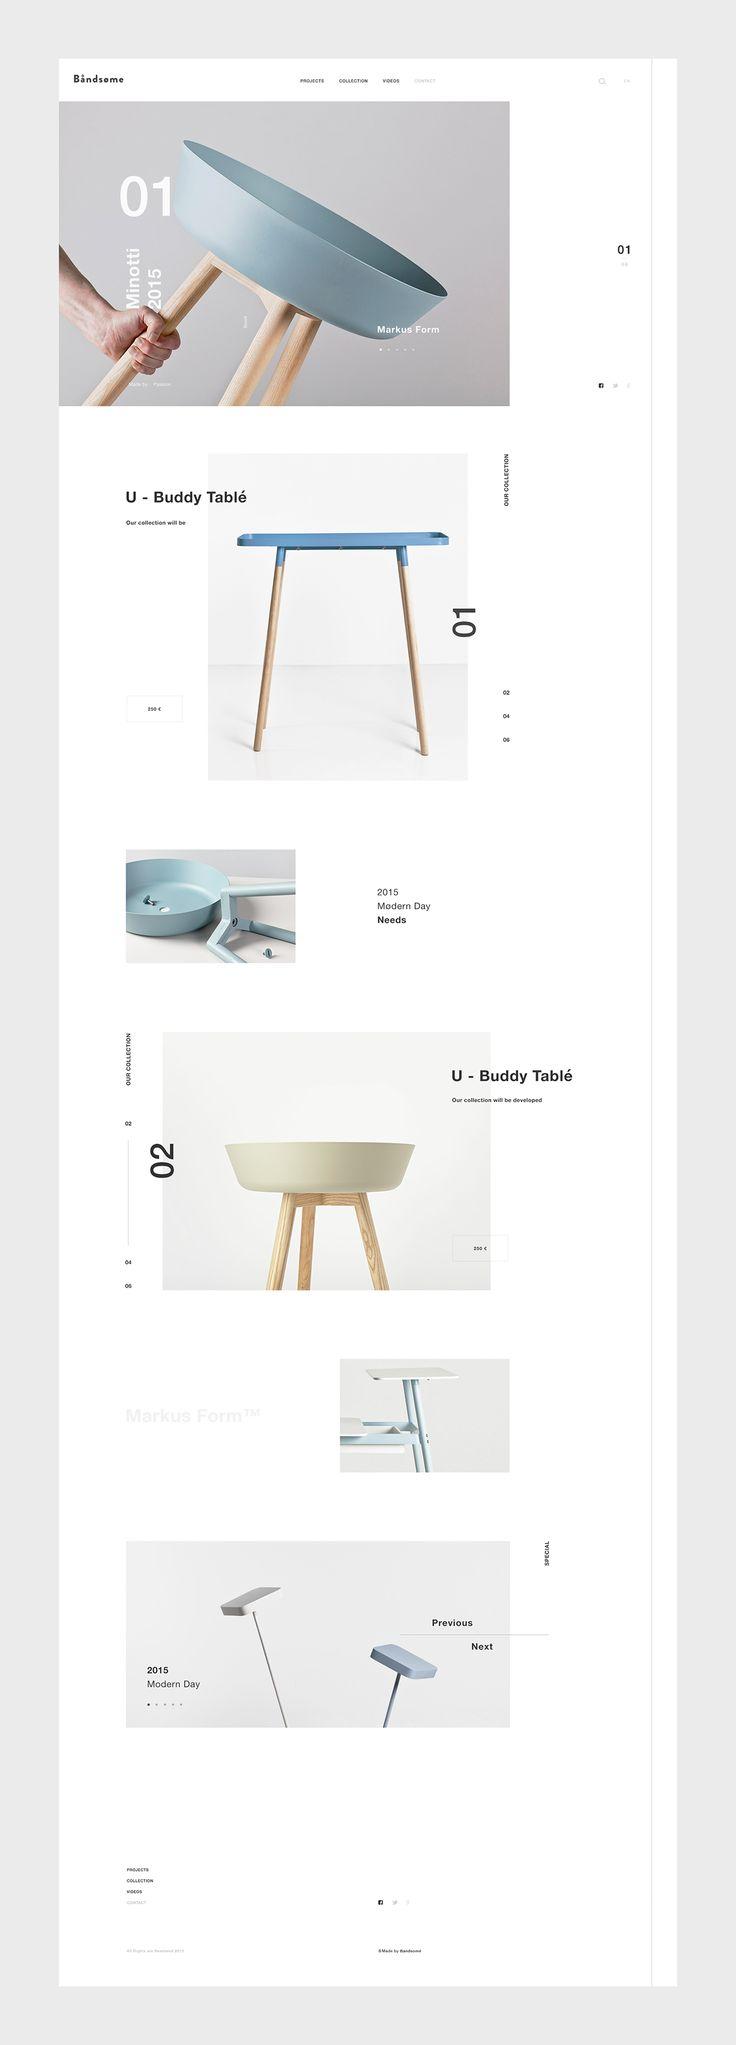 Bandsøme webpage design